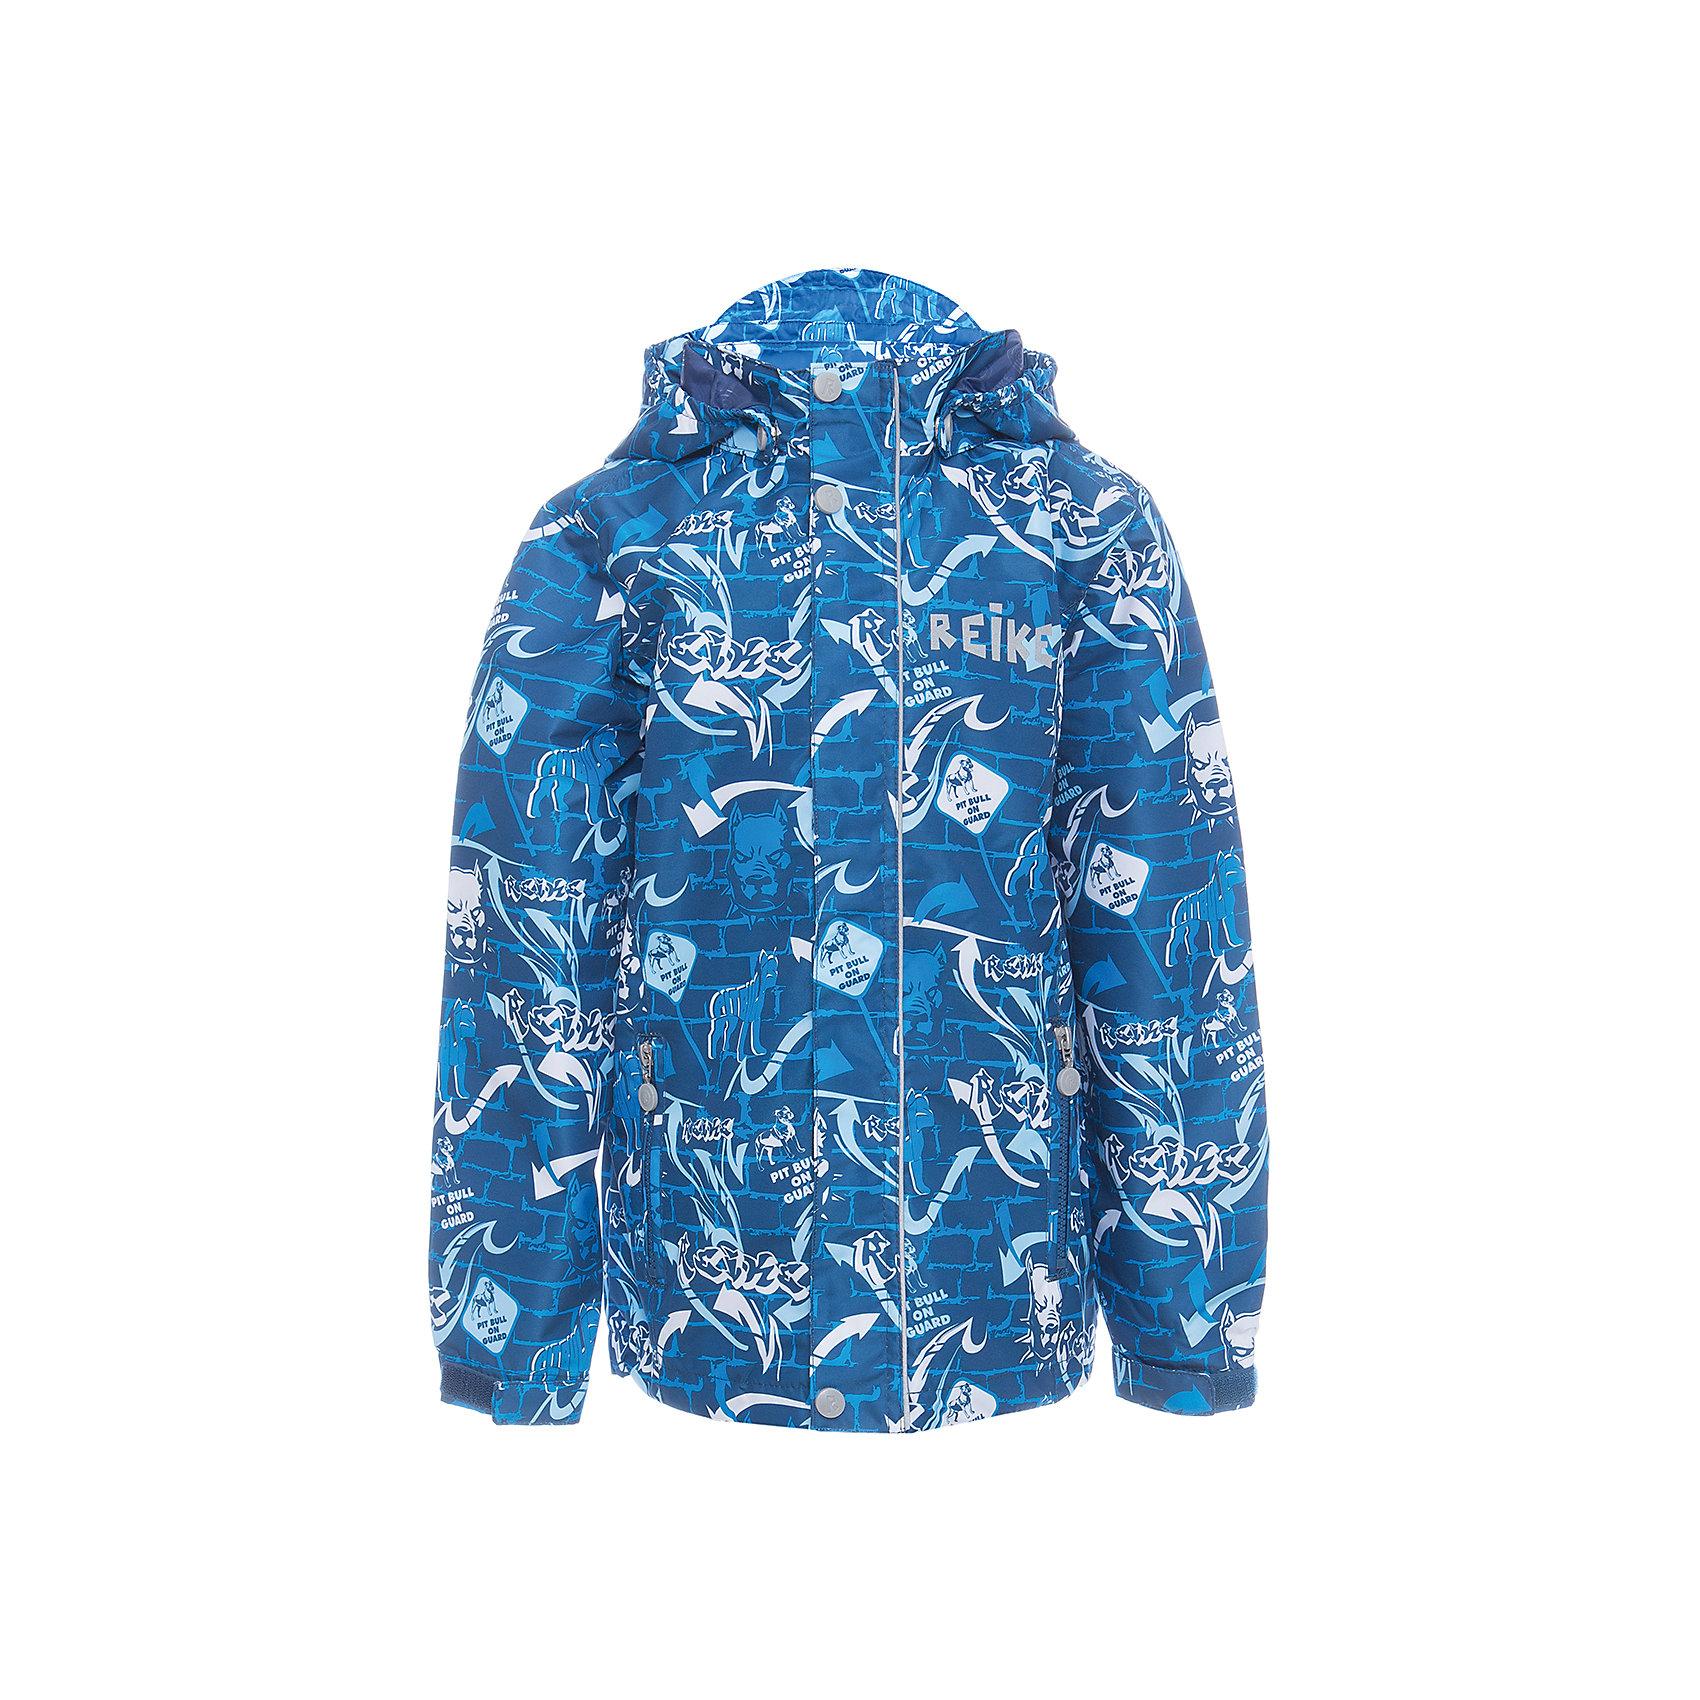 Куртка Reike для мальчикаОдежда<br>Характеристики товара:<br><br>• цвет: синий<br>• состав: 100% полиэстер<br>• подкладка: 100% полиэстер<br>• без утеплителя<br>• температурный режим: от +10° С до +20° С<br>• из ветрозащитного, водонепроницаемого материала<br>• позволяет телу дышать<br>• воздухопроницаемость: 2000гр/м2/24 ч<br>• водоотталкивающее покрытие: 2000 мм<br>• застежка: молния<br>• планка от ветра на кнопках<br>• съёмный капюшон на кнопках<br>• два кармана на молнии<br>• светоотражающий элемент<br>• манжеты на резинке дополнительно регулируются с помощью липучек<br>• страна бренда: Финляндия<br><br>Демисезонная одежда может быть очень красивой и удобной! Новая коллекция от известного финского производителя Reike отличается ярким дизайном, продуманностью и комфортом! Эта модель разработана специально для детей - она учитывает особенности их физиологии, а также новые тенденции в европейской моде. Стильная и удобная вещь!<br><br>Куртку для мальчика от популярного бренда Reike можно купить в нашем интернет-магазине.<br><br>Ширина мм: 356<br>Глубина мм: 10<br>Высота мм: 245<br>Вес г: 519<br>Цвет: синий<br>Возраст от месяцев: 108<br>Возраст до месяцев: 120<br>Пол: Мужской<br>Возраст: Детский<br>Размер: 140,146,152,128,134<br>SKU: 5430015